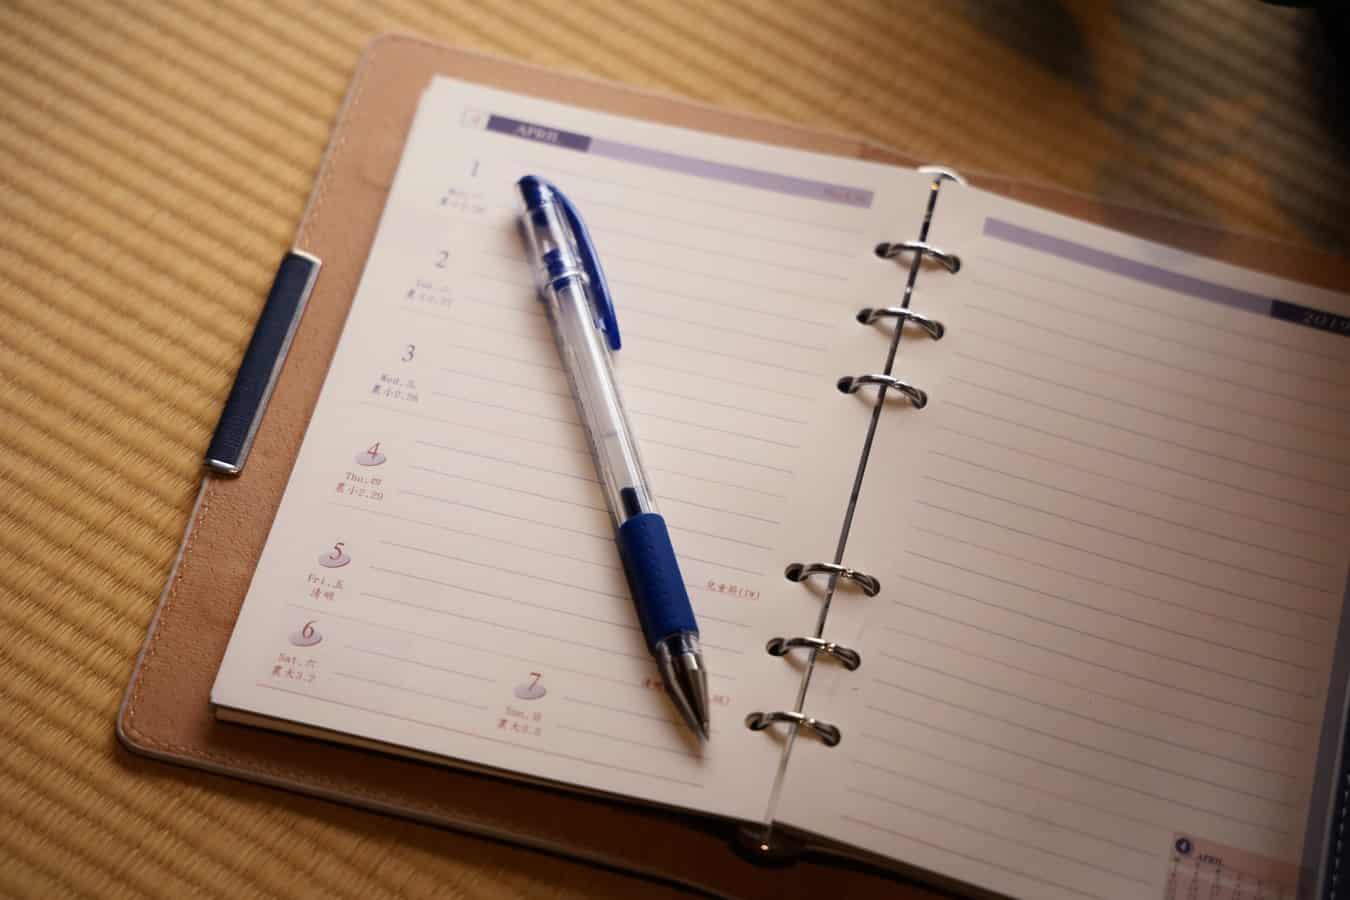 Hobbies, 44 dicas para você aproveitar seu tempo livre